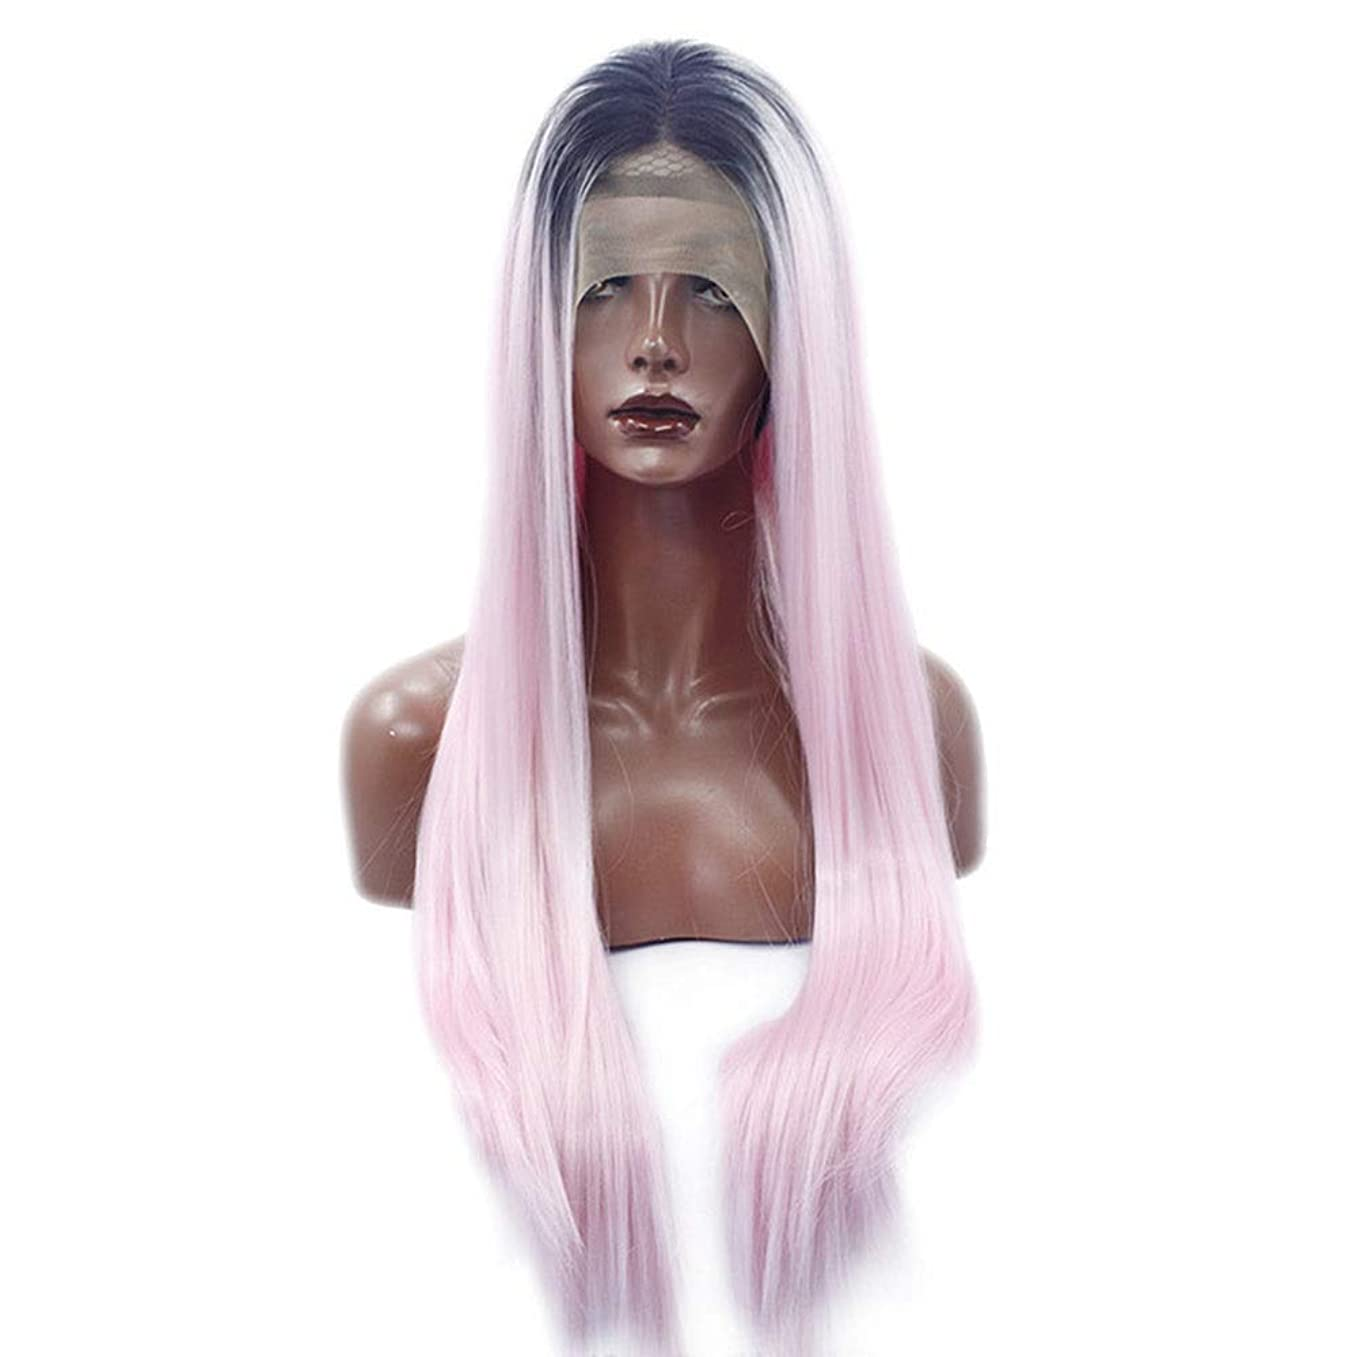 全員趣味熟したYrattary ピンクの長いストレートの髪黒髪かつら長い合成髪レースフロントかつら女性のための合成髪レースかつらロールプレイングかつら (色 : ピンク)